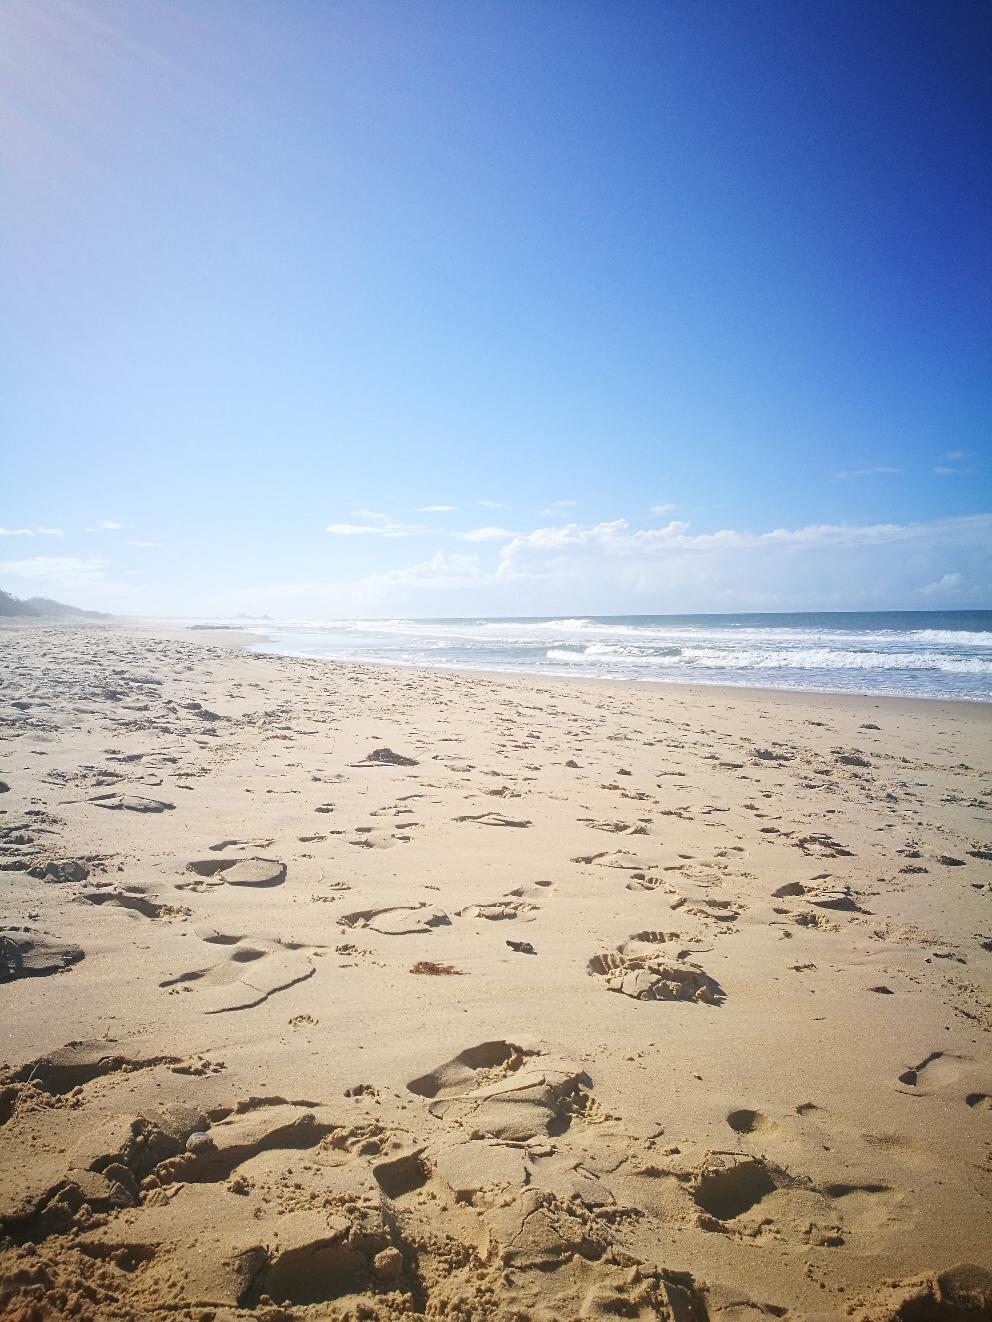 Wurtulla Beach